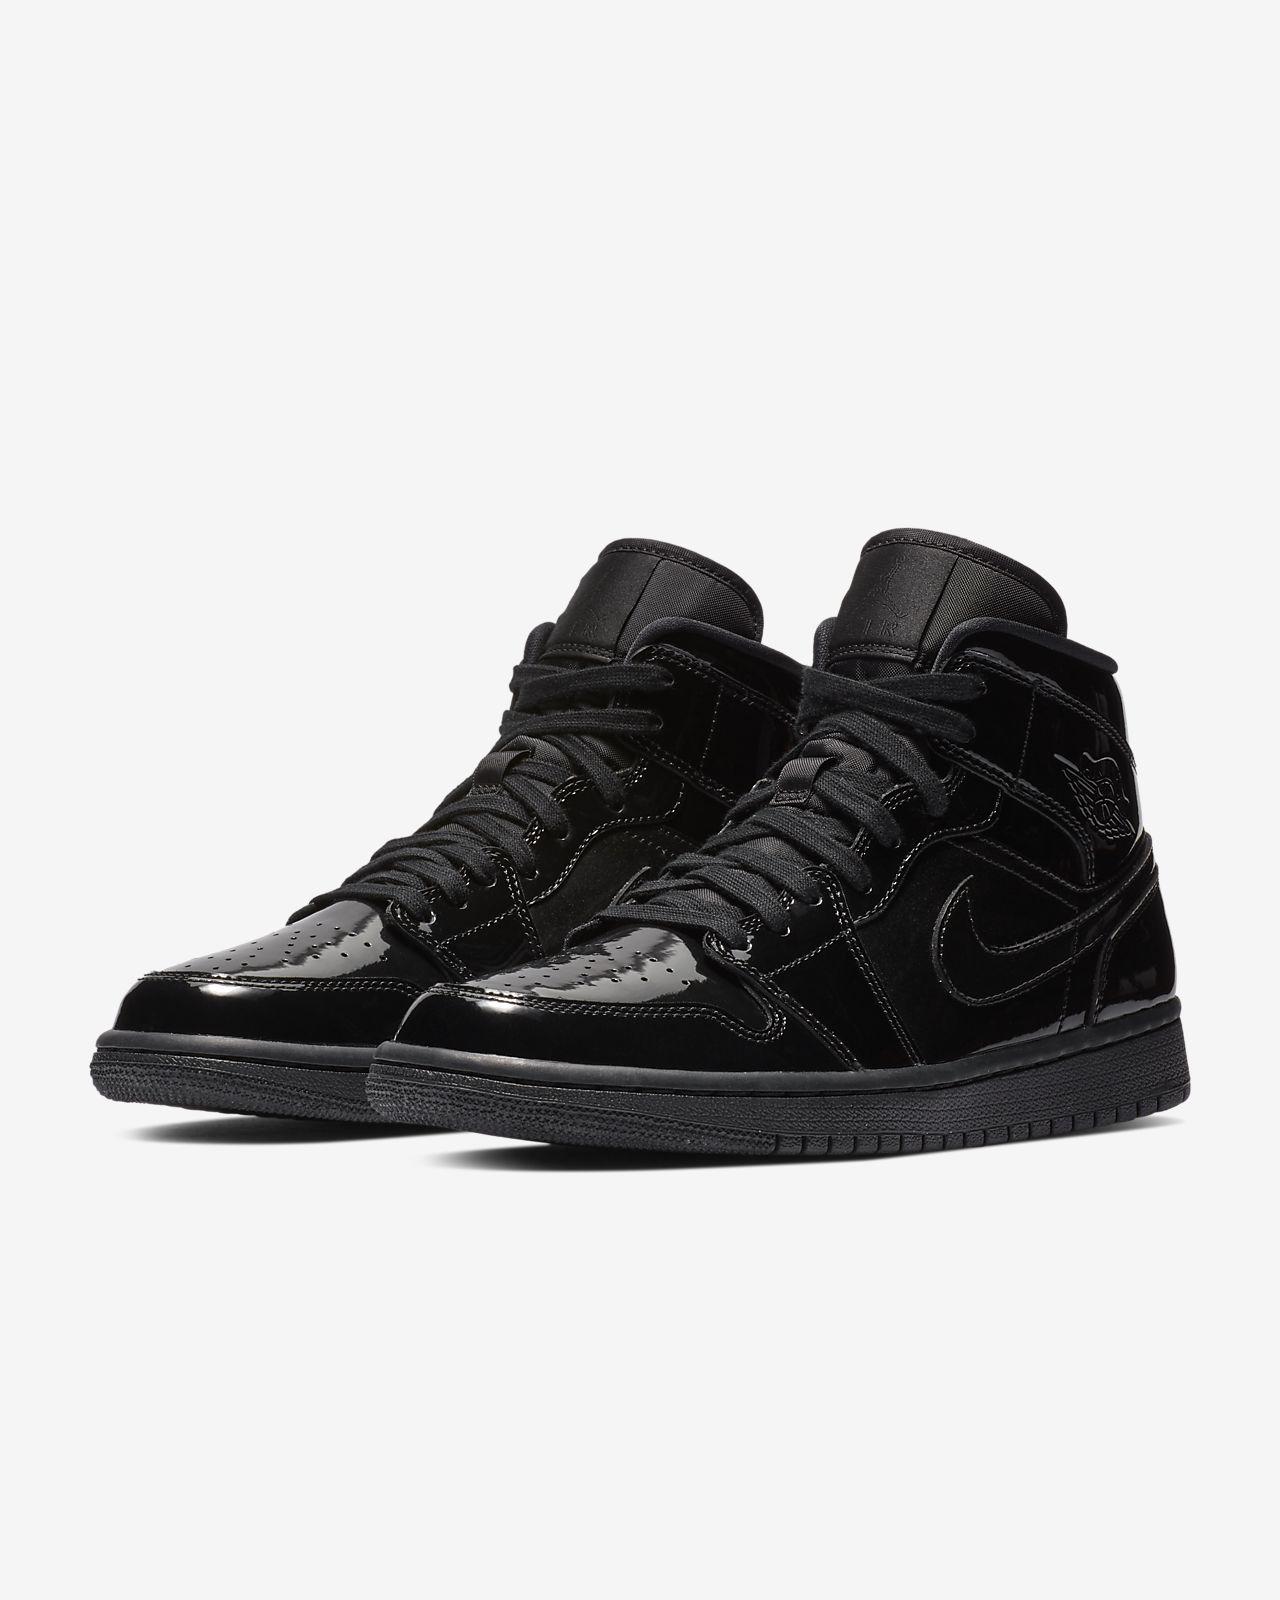 2c145e3eda821 Calzado para mujer Air Jordan 1 Mid. Nike.com CL